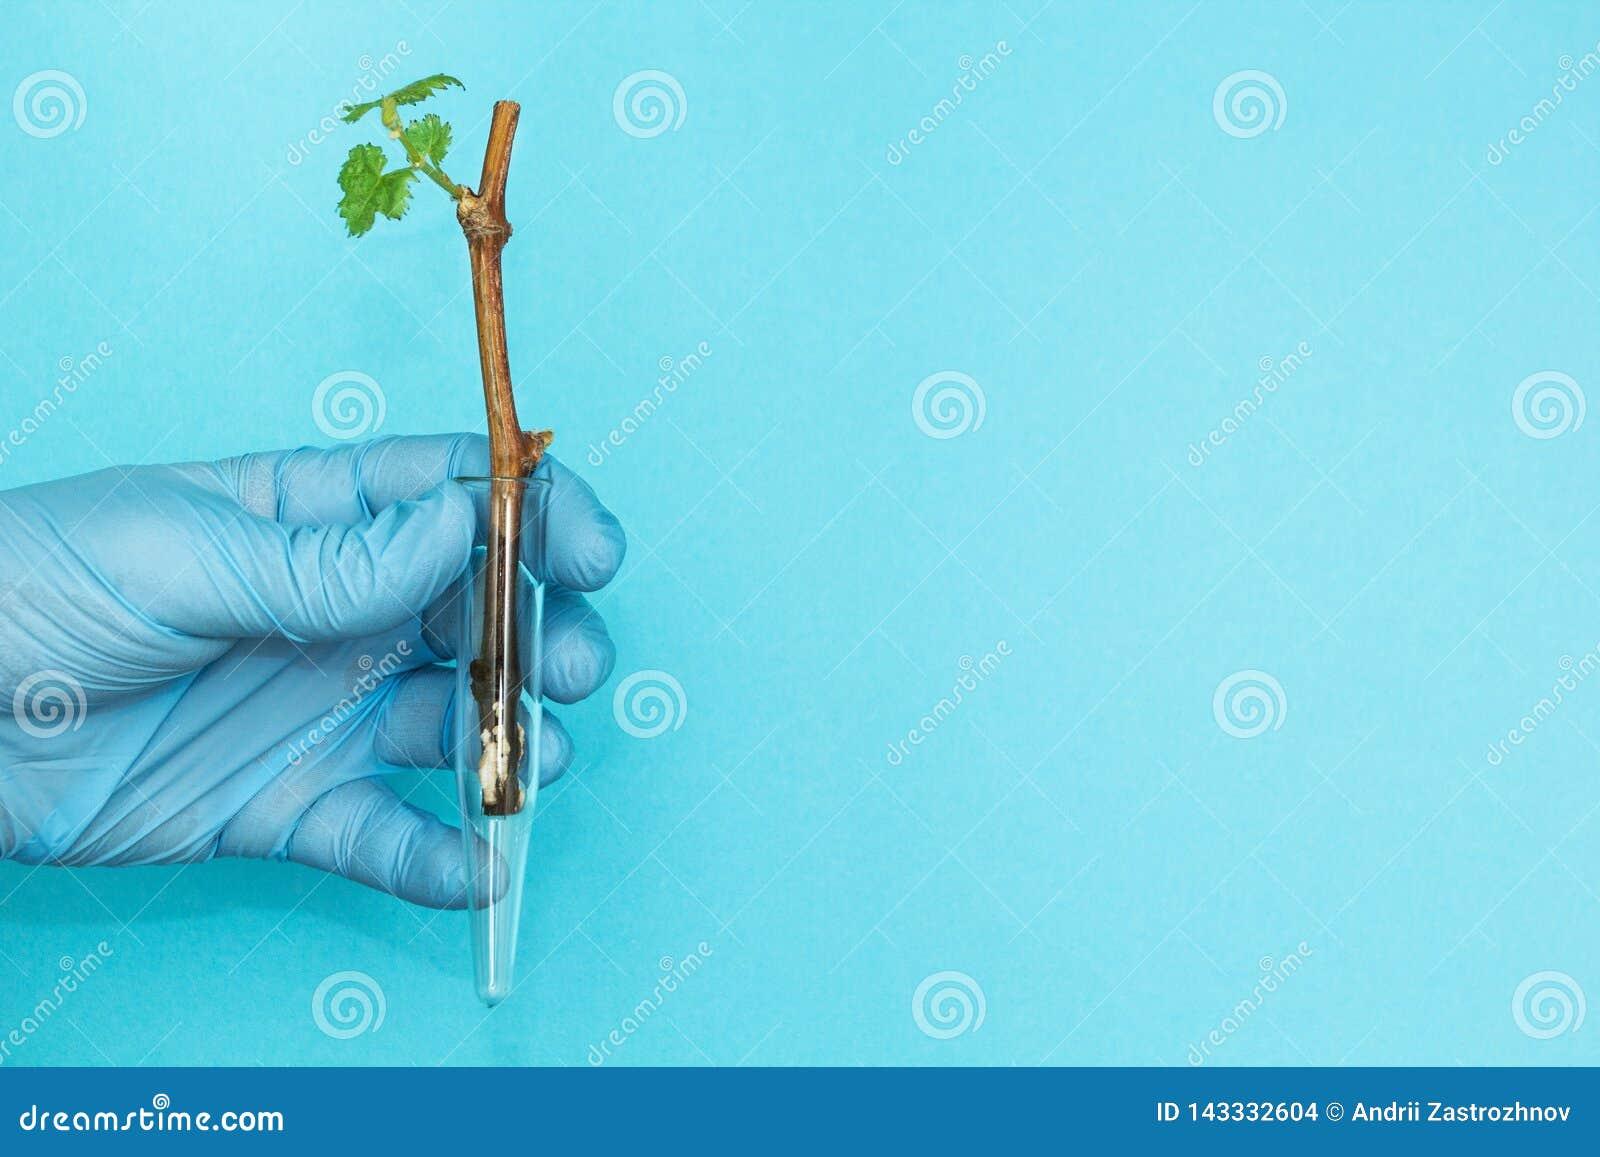 Ręka w błękitnej rękawiczce trzyma młodej rośliny w szklanej próbnej tubce na błękitnym tle, przestrzeń dla teksta Genetycznie zm